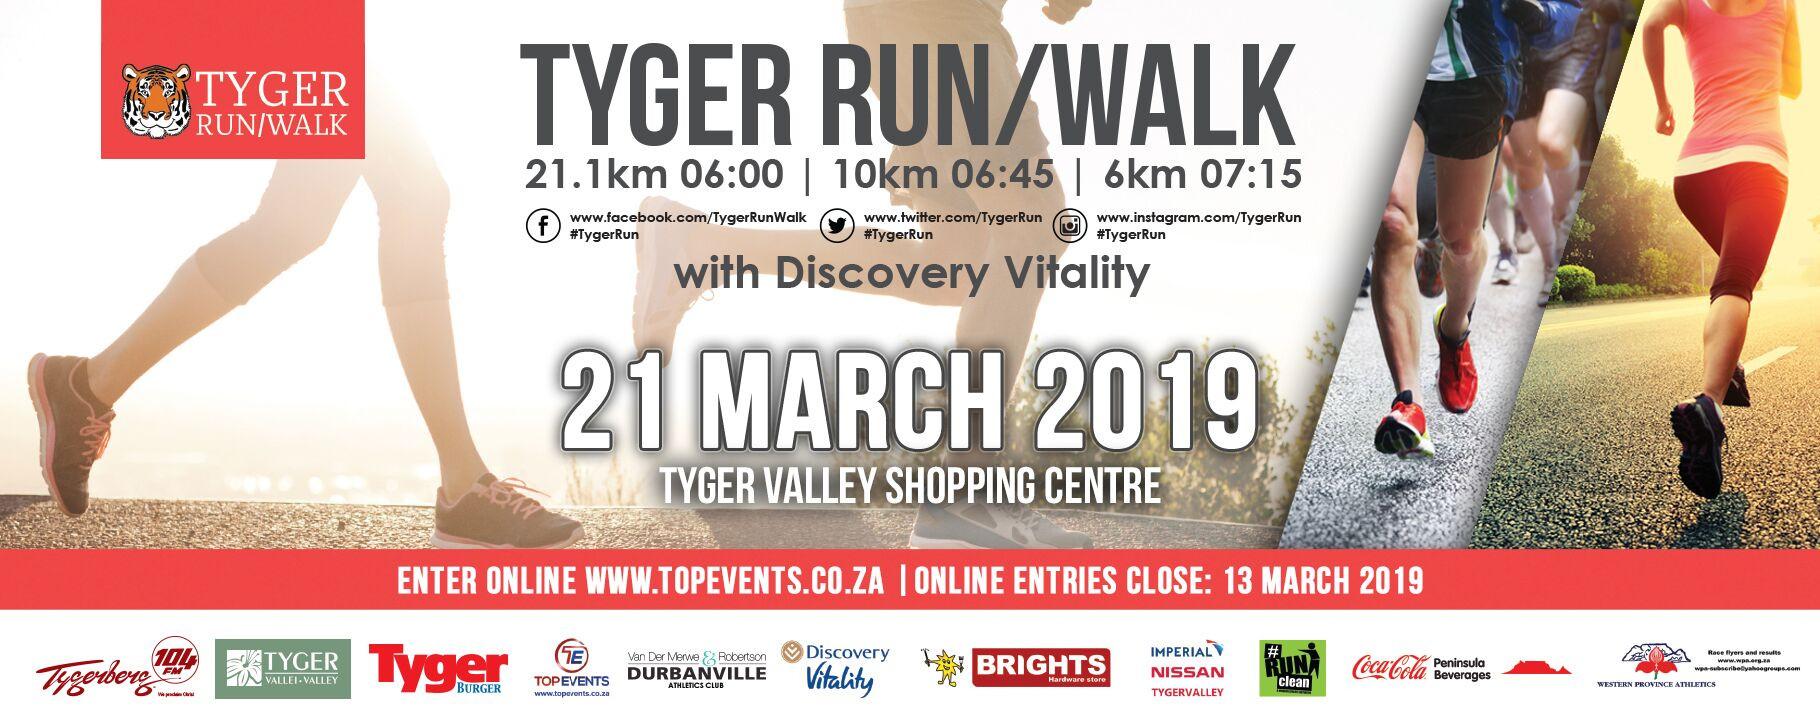 Tyger Run / Walk